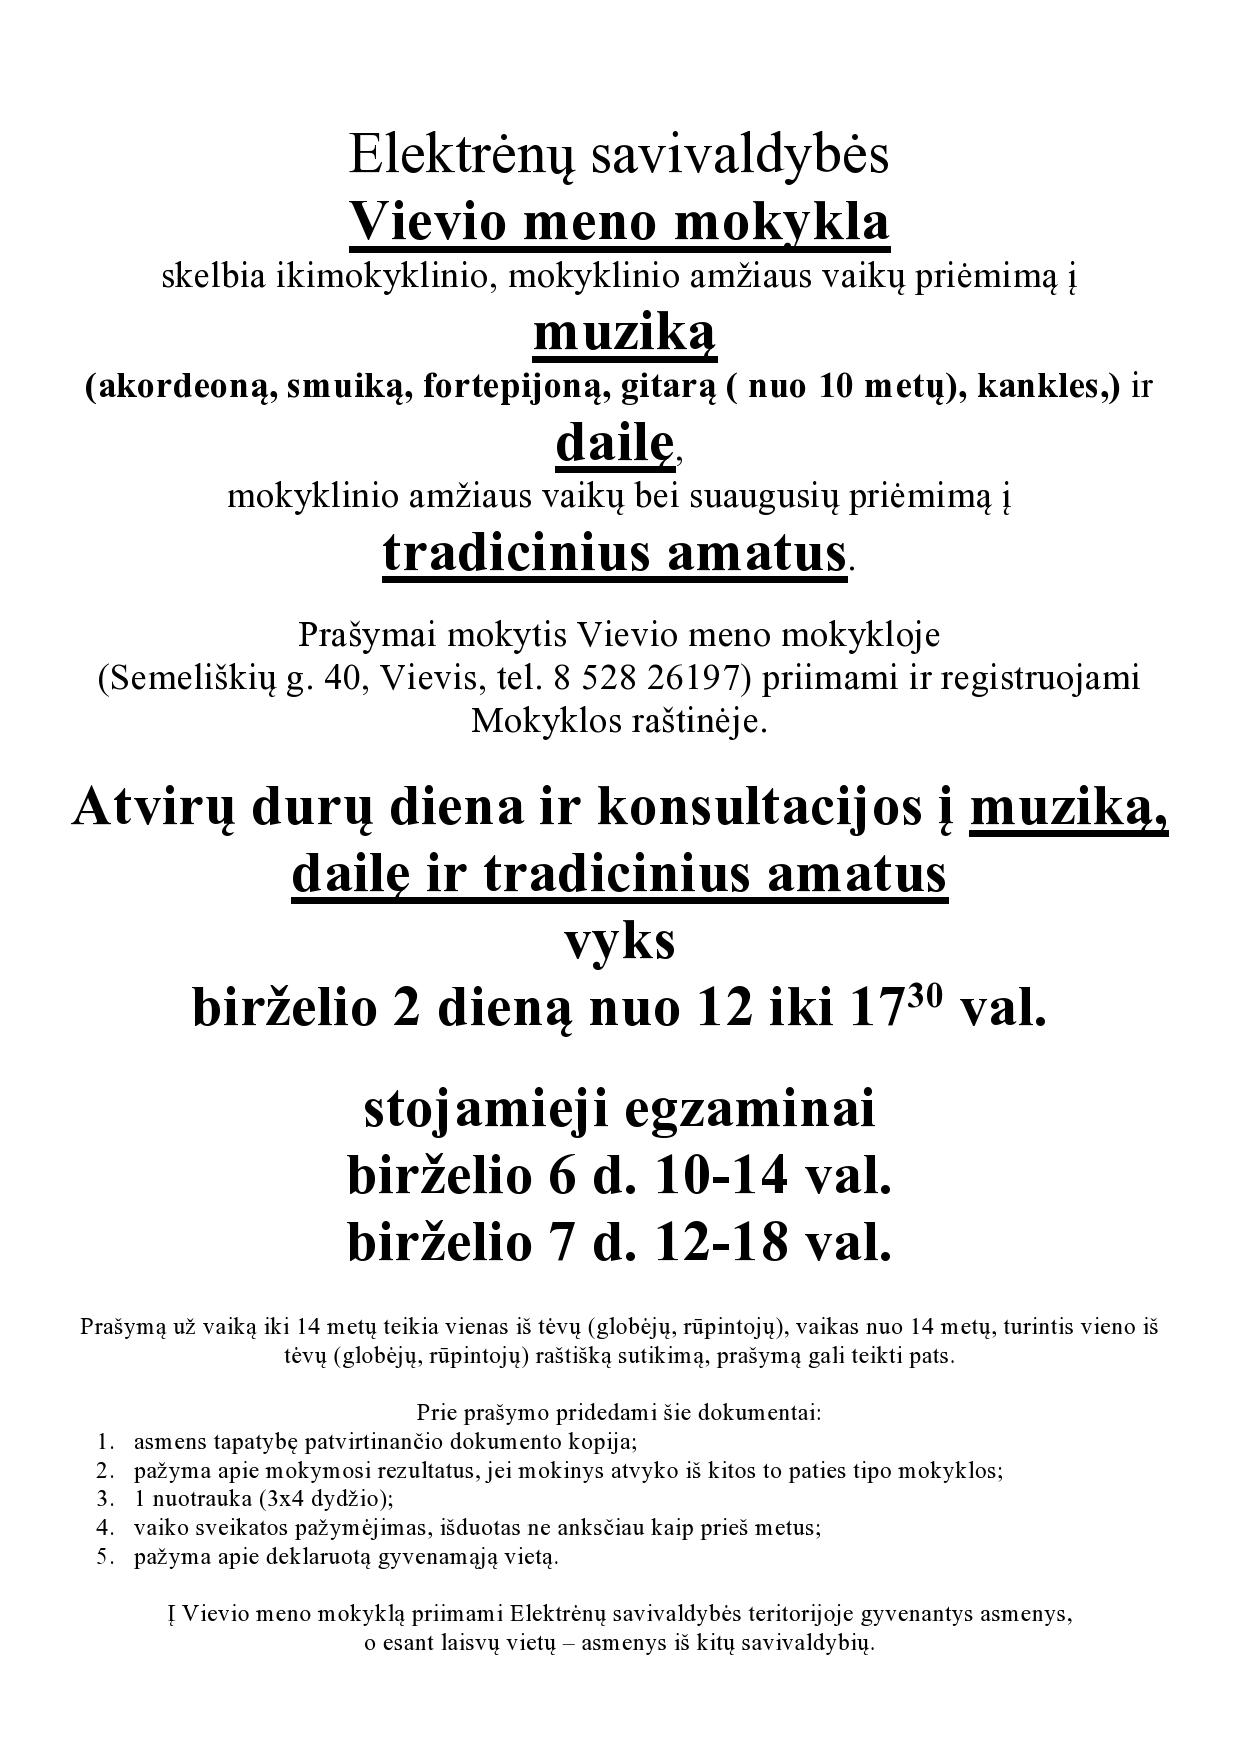 mokiniu priemimas i vmm-page0001